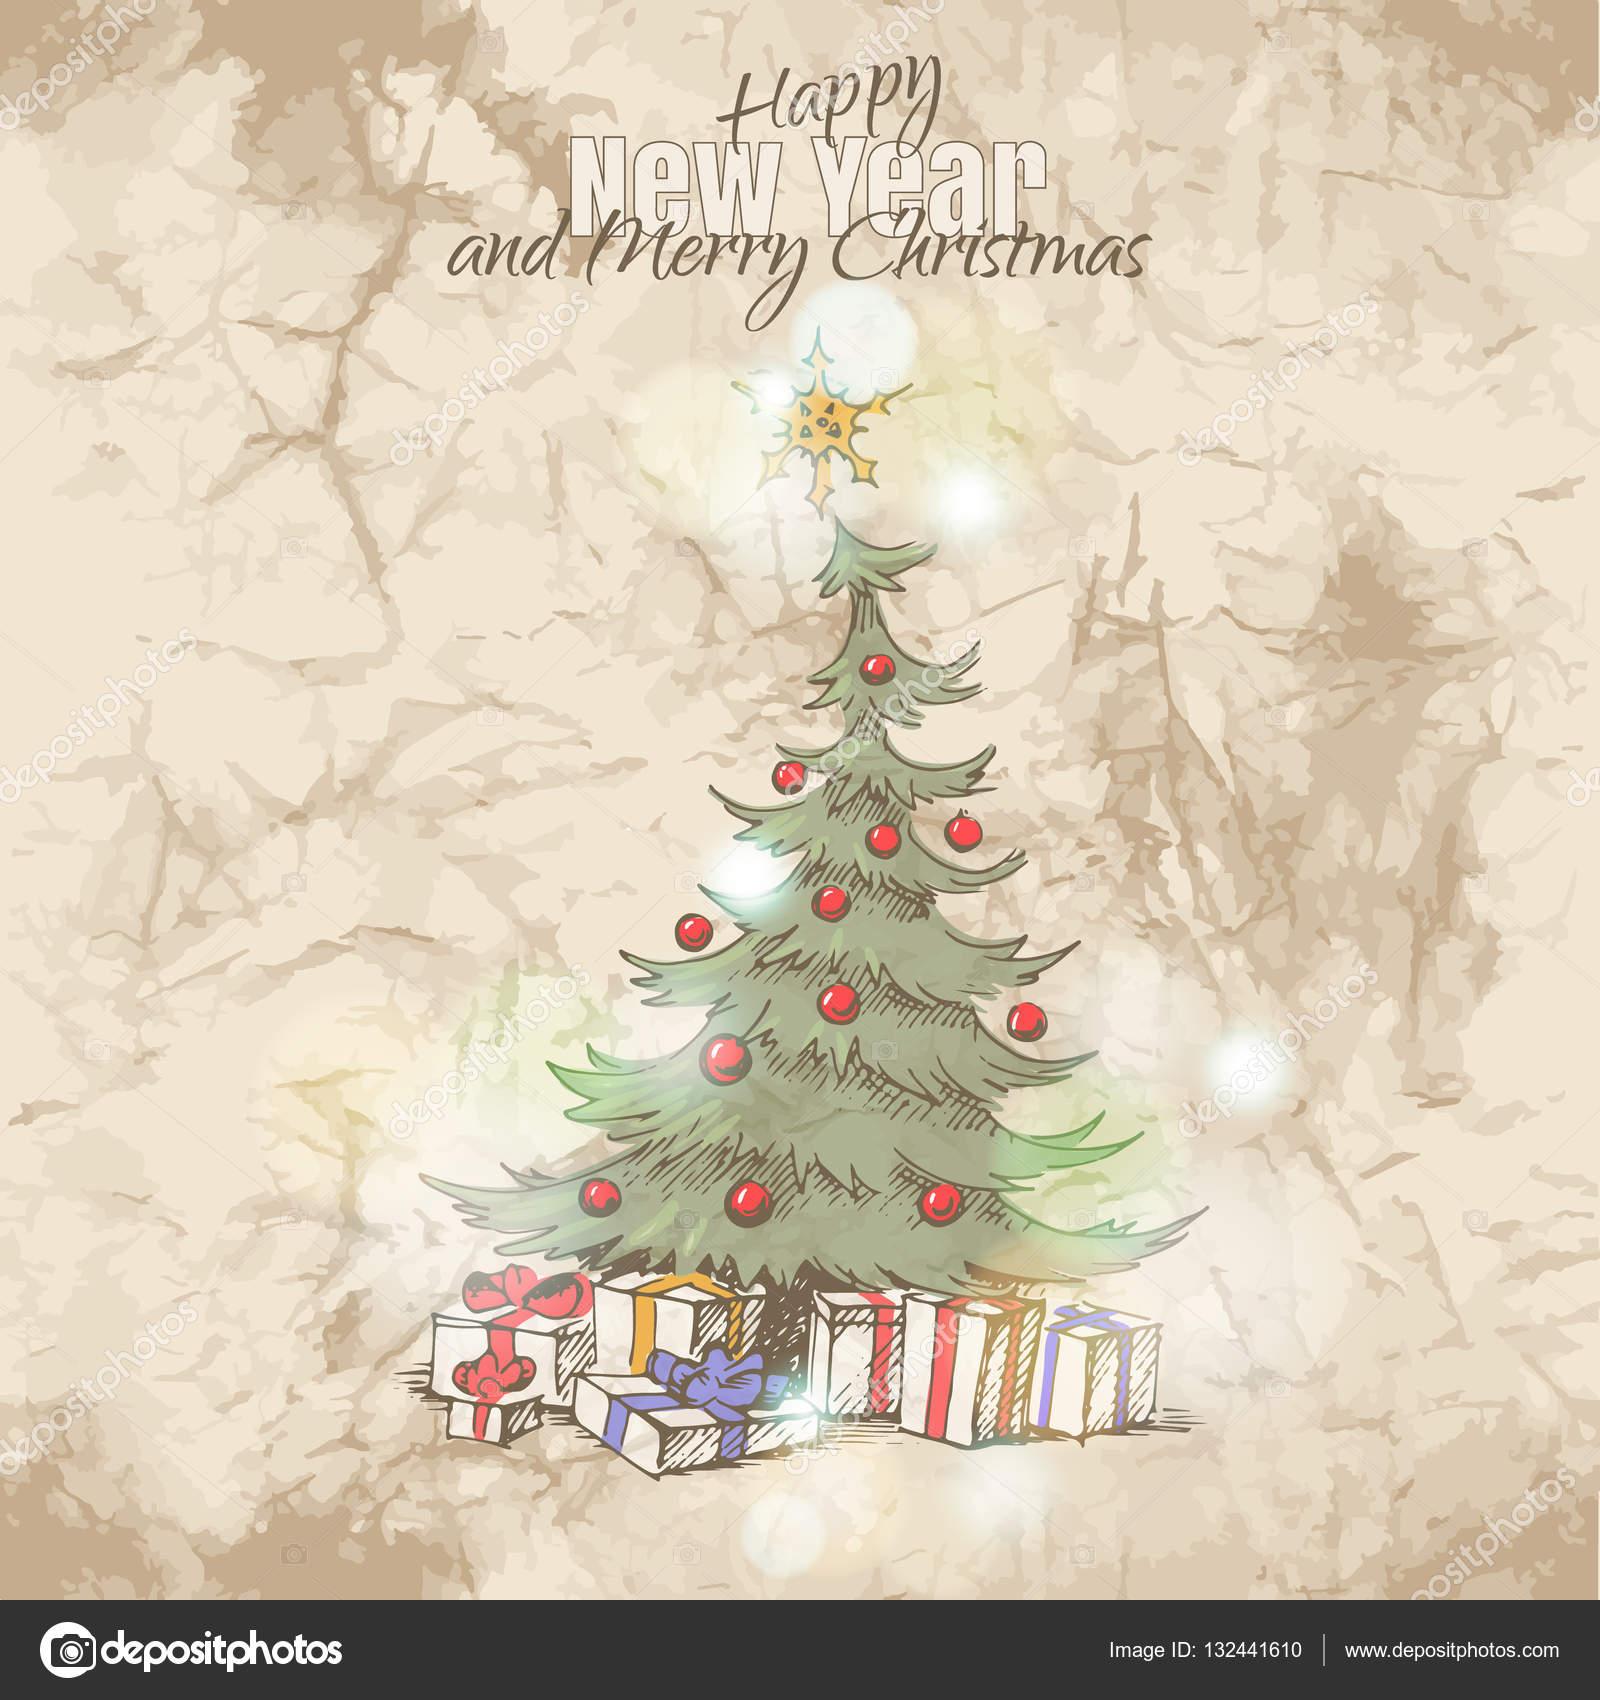 Kartki świąteczne z magic christmas tree — Grafika wektorowa